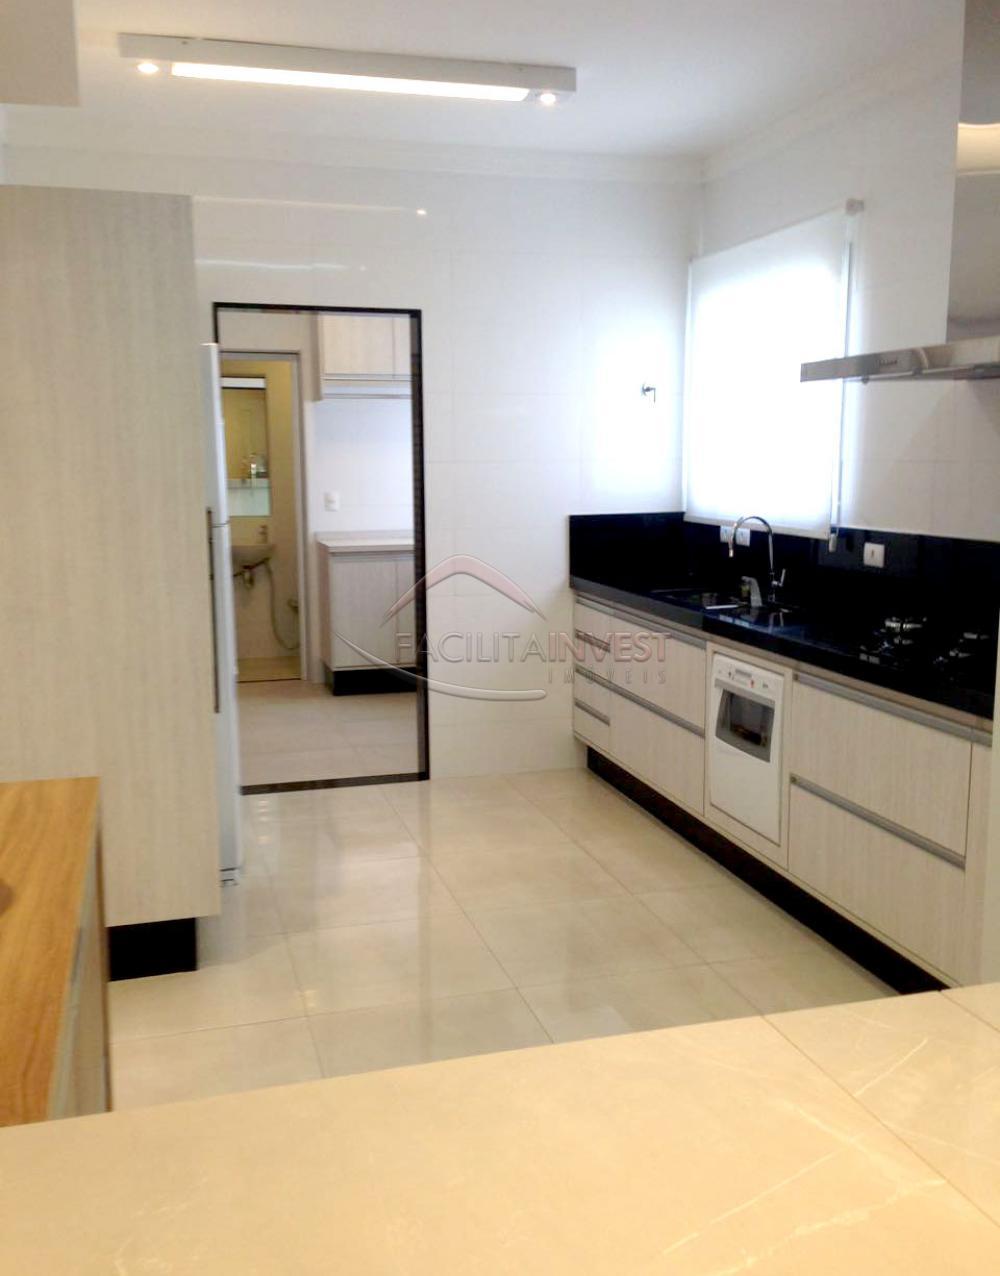 Comprar Lançamentos/ Empreendimentos em Construç / Apartamento padrão - Lançamento em Ribeirão Preto apenas R$ 950.567,00 - Foto 5